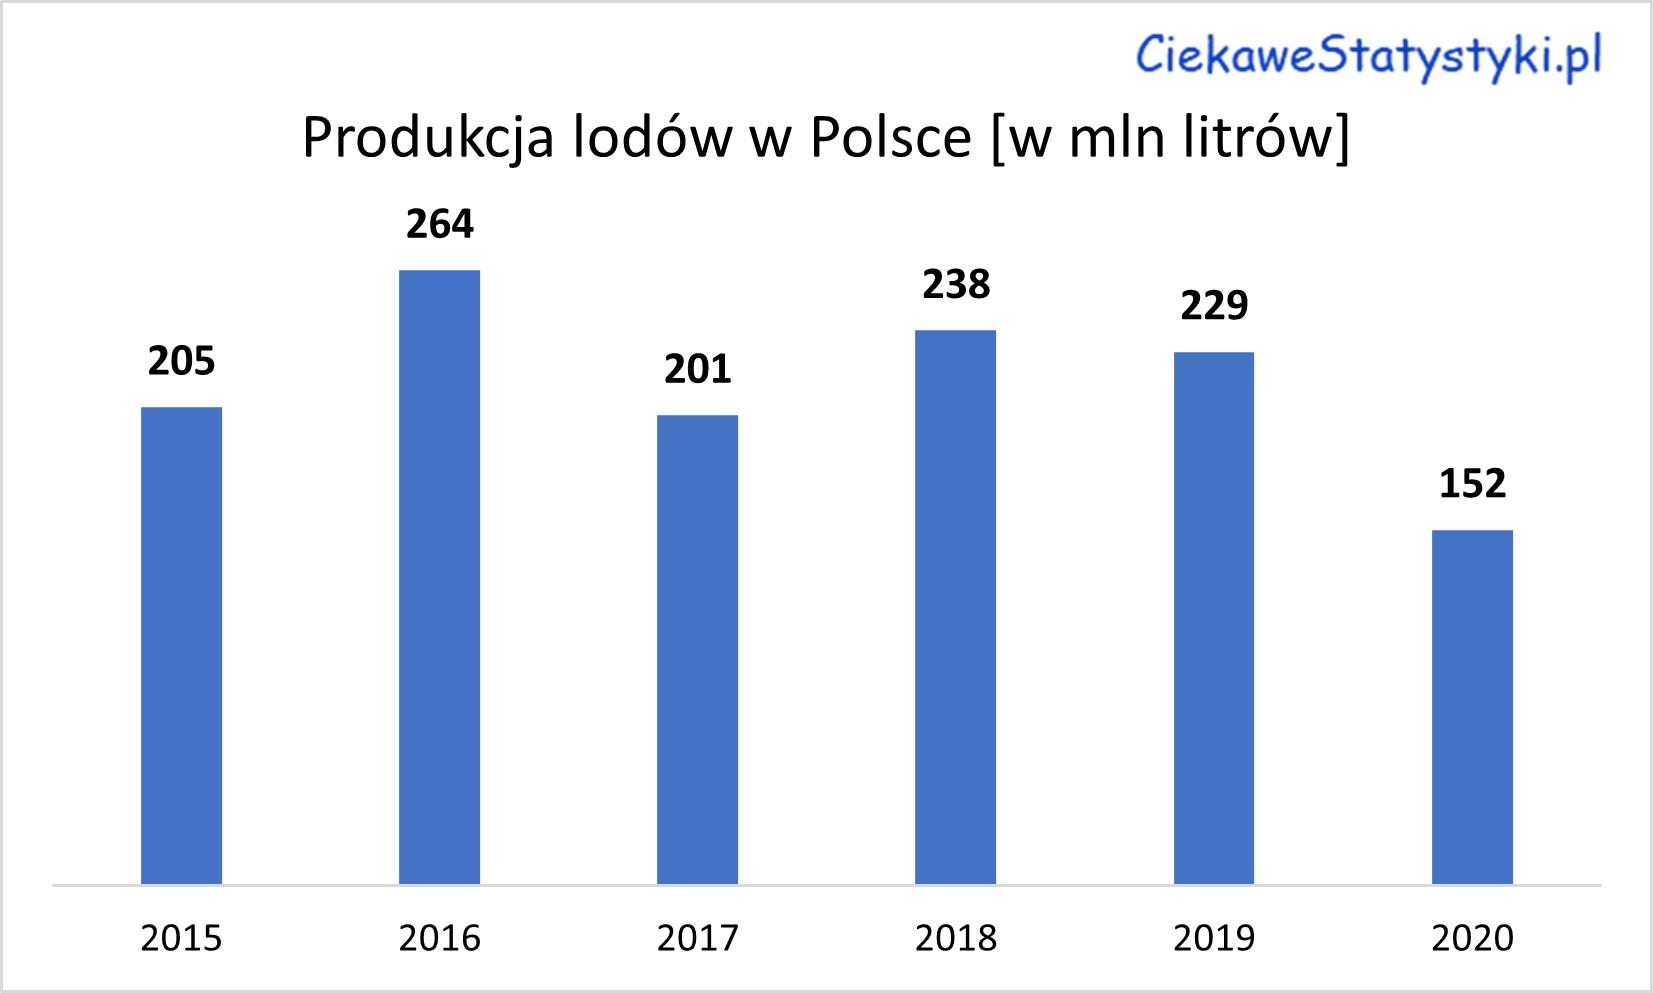 Produkcja lodów w Polsce na przestrzeni lat. Ile lodów produkuje się w Polsce?